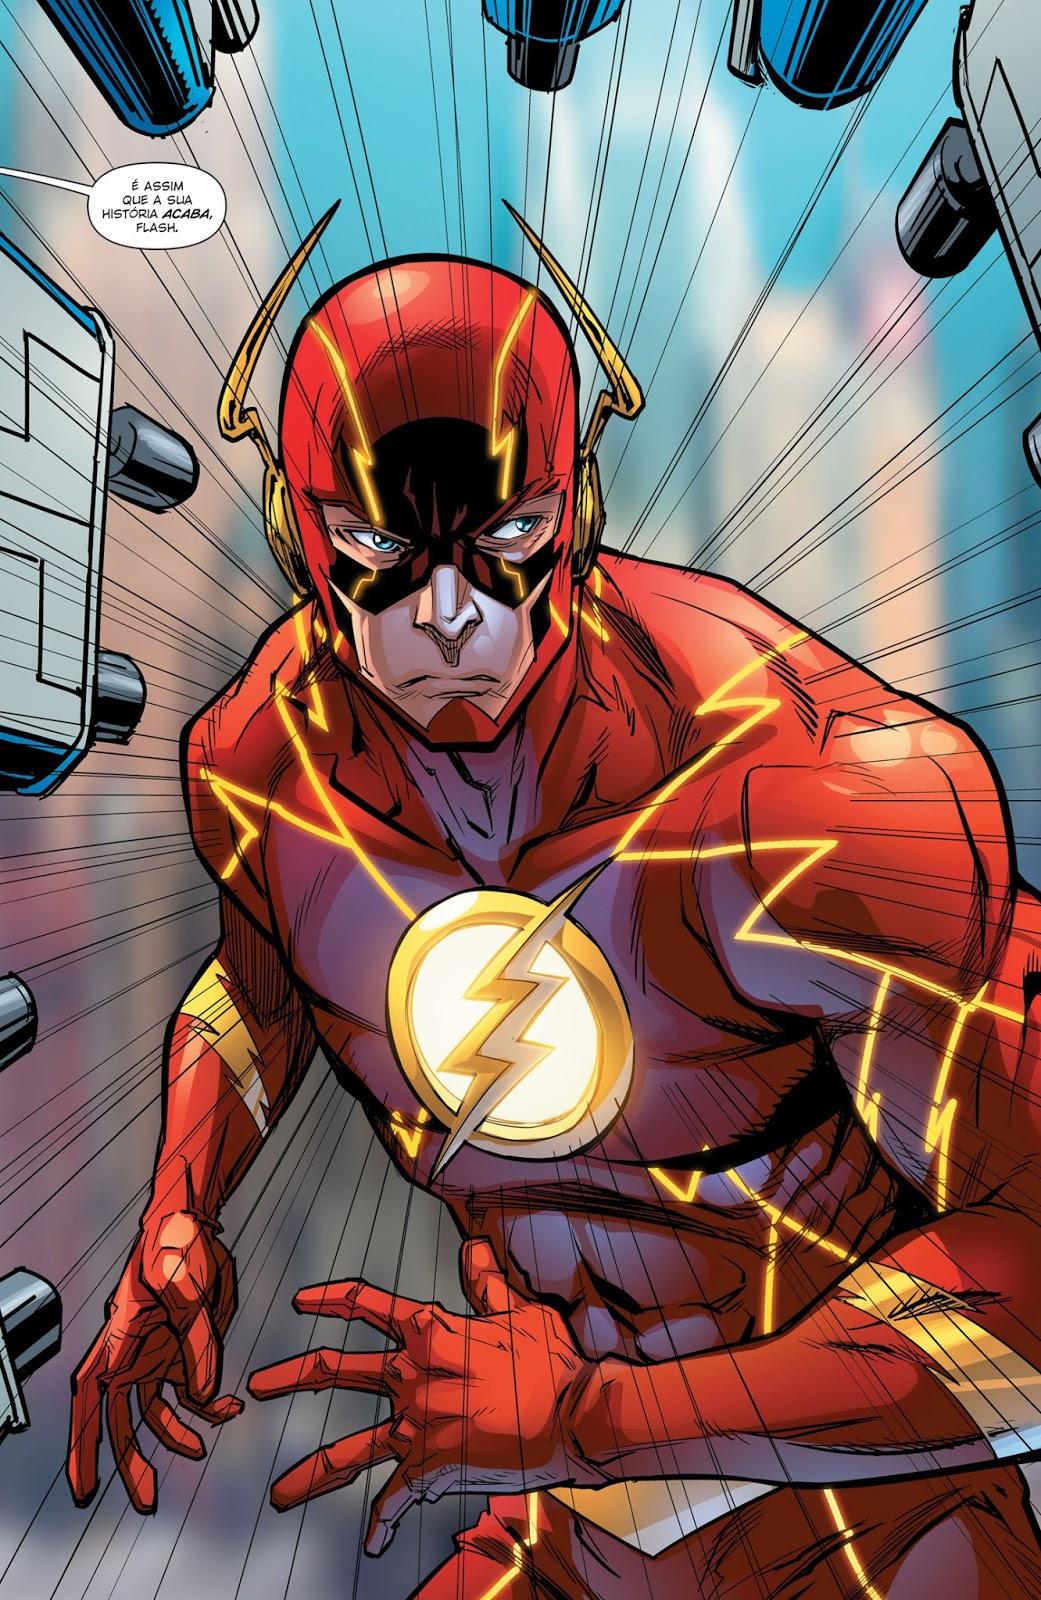 Os Novos 52! Flash #51 - Galxia dos Quadrinhos